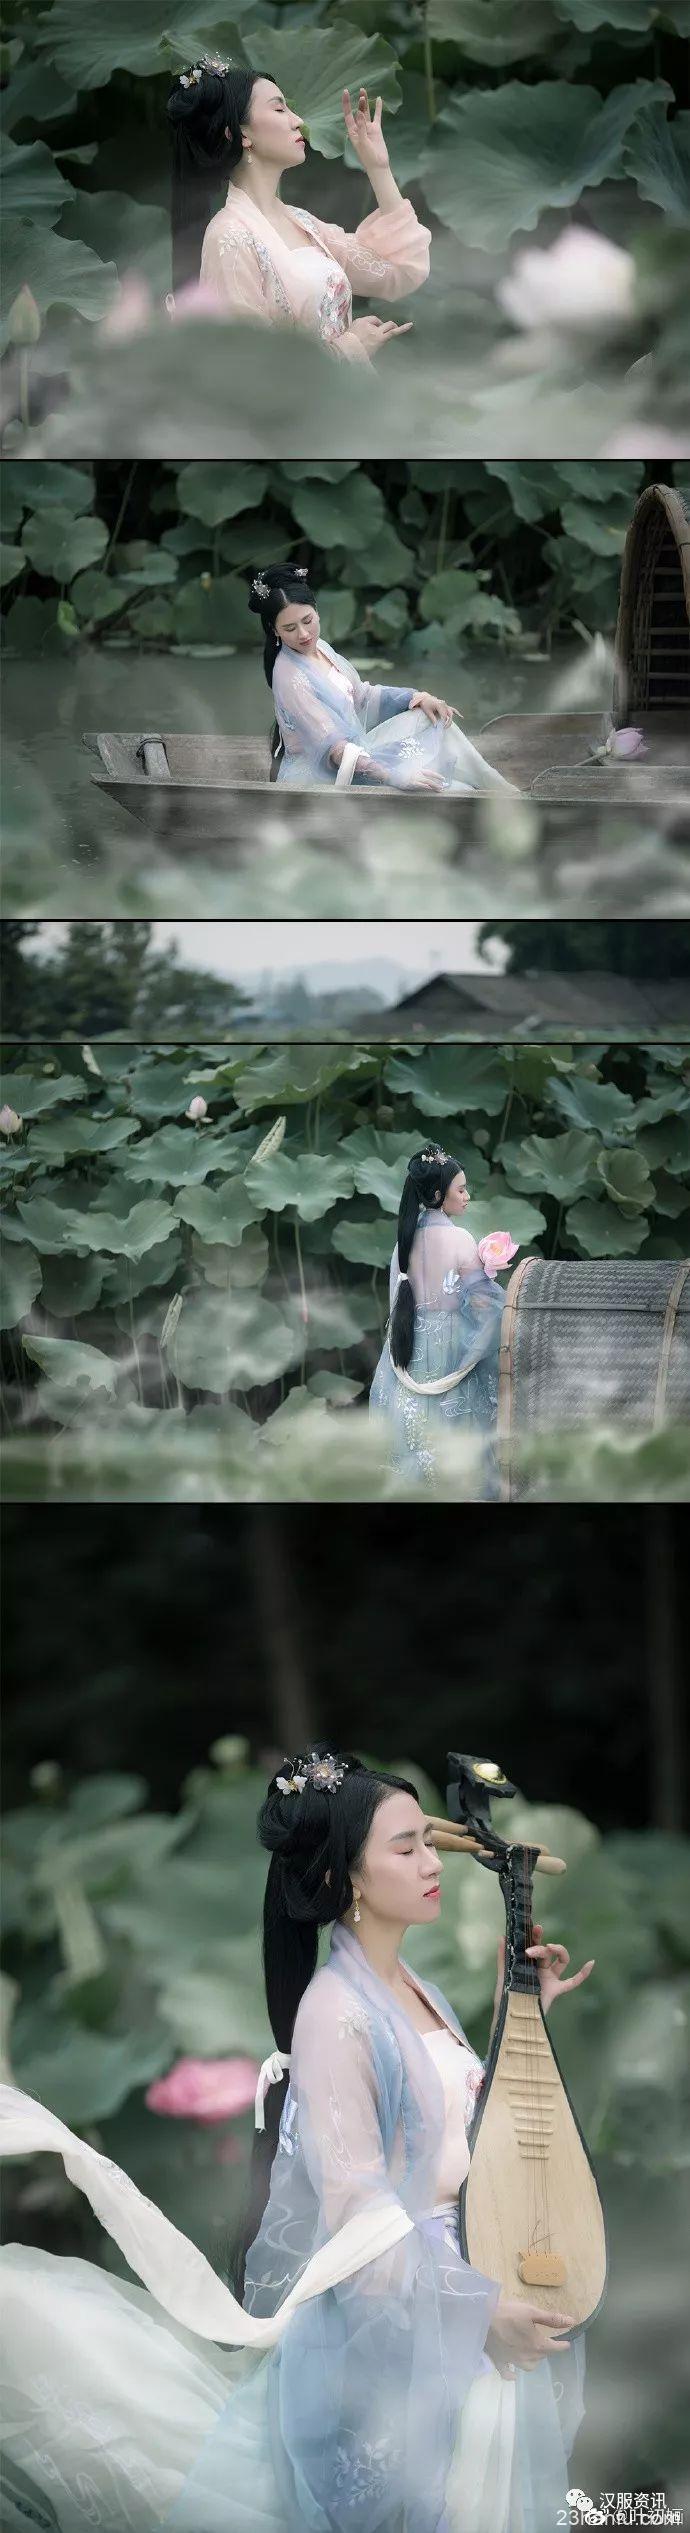 【汉服摄影】菡萏香销翠叶残